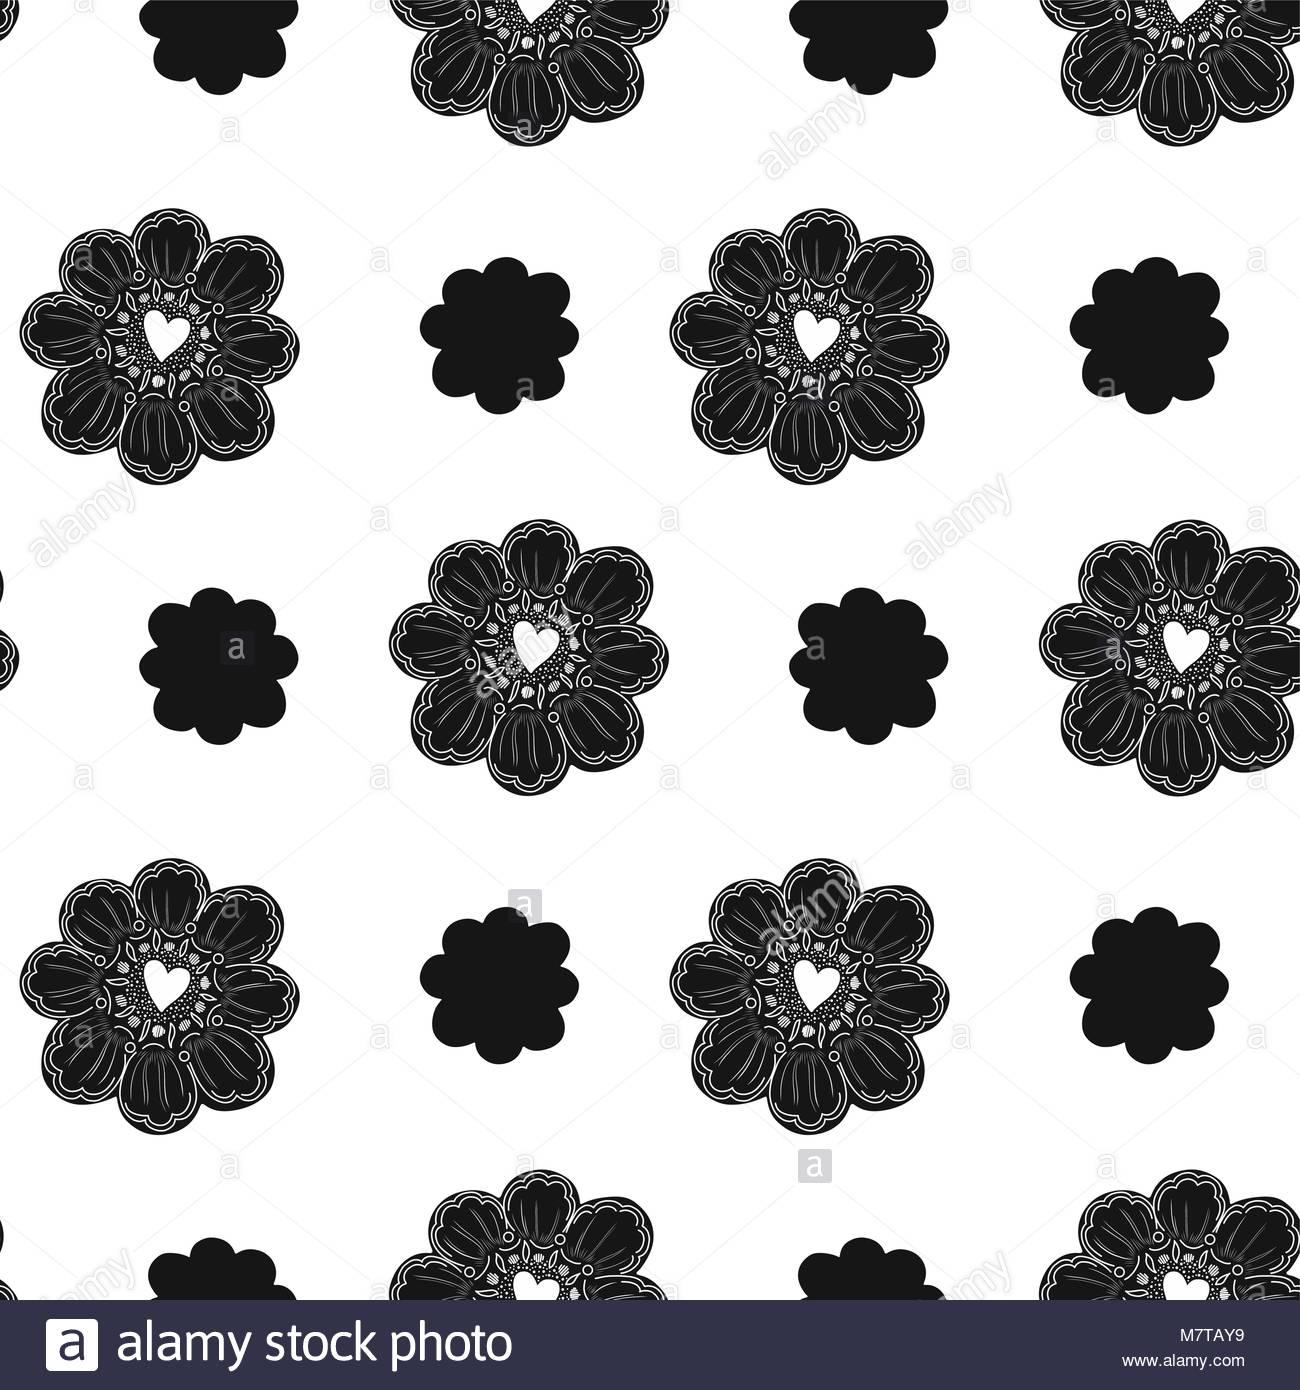 Nahtlose Muster. Einfache Blume Element. Doodle Dekoration. Einfach ...